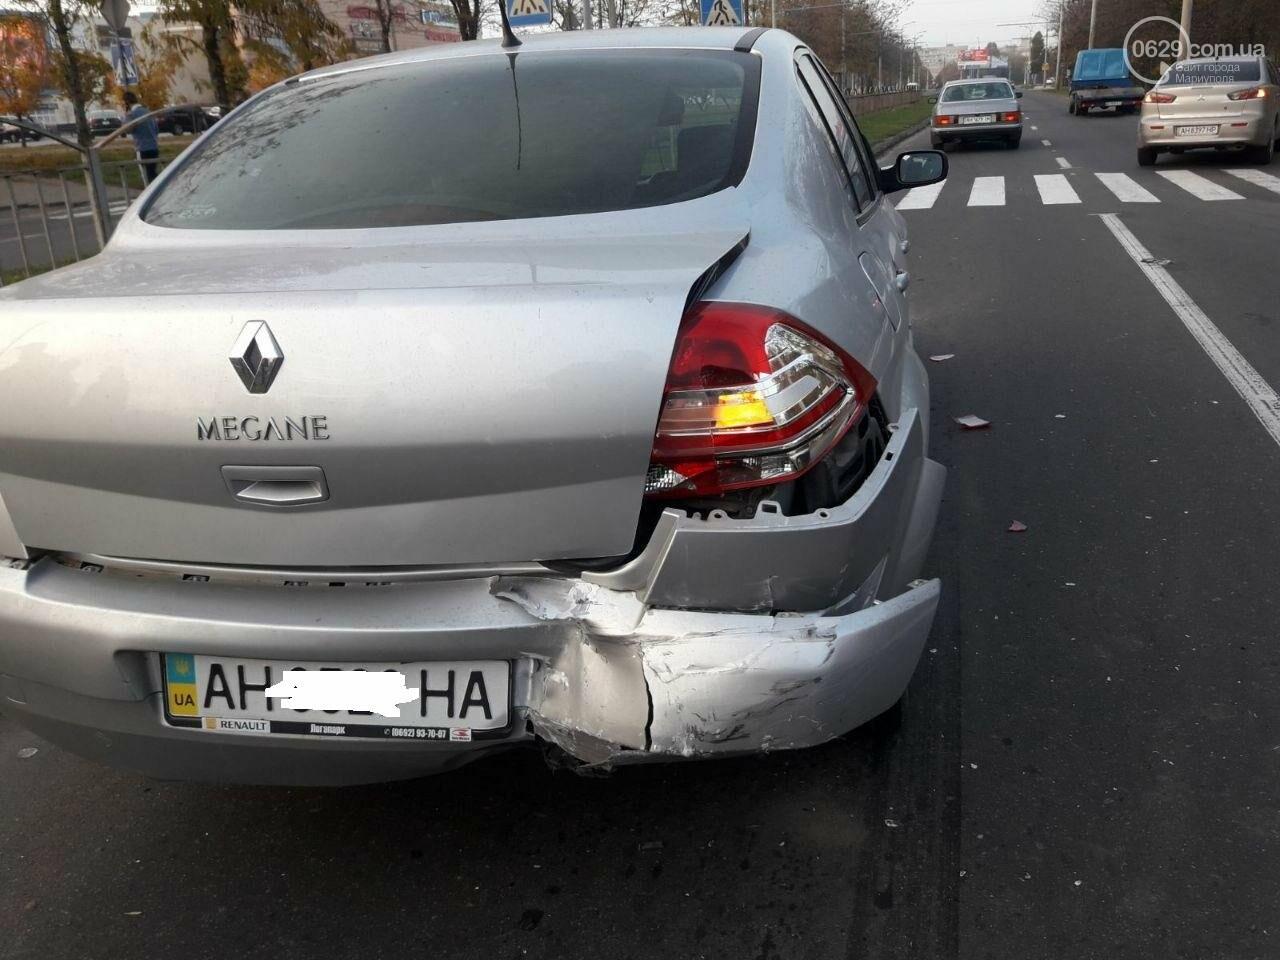 """Тройное ДТП возле """"ПортСити"""" в Мариуполе. Один из водителей покинул место аварии, - ФОТО, ВИДЕО, фото-5"""